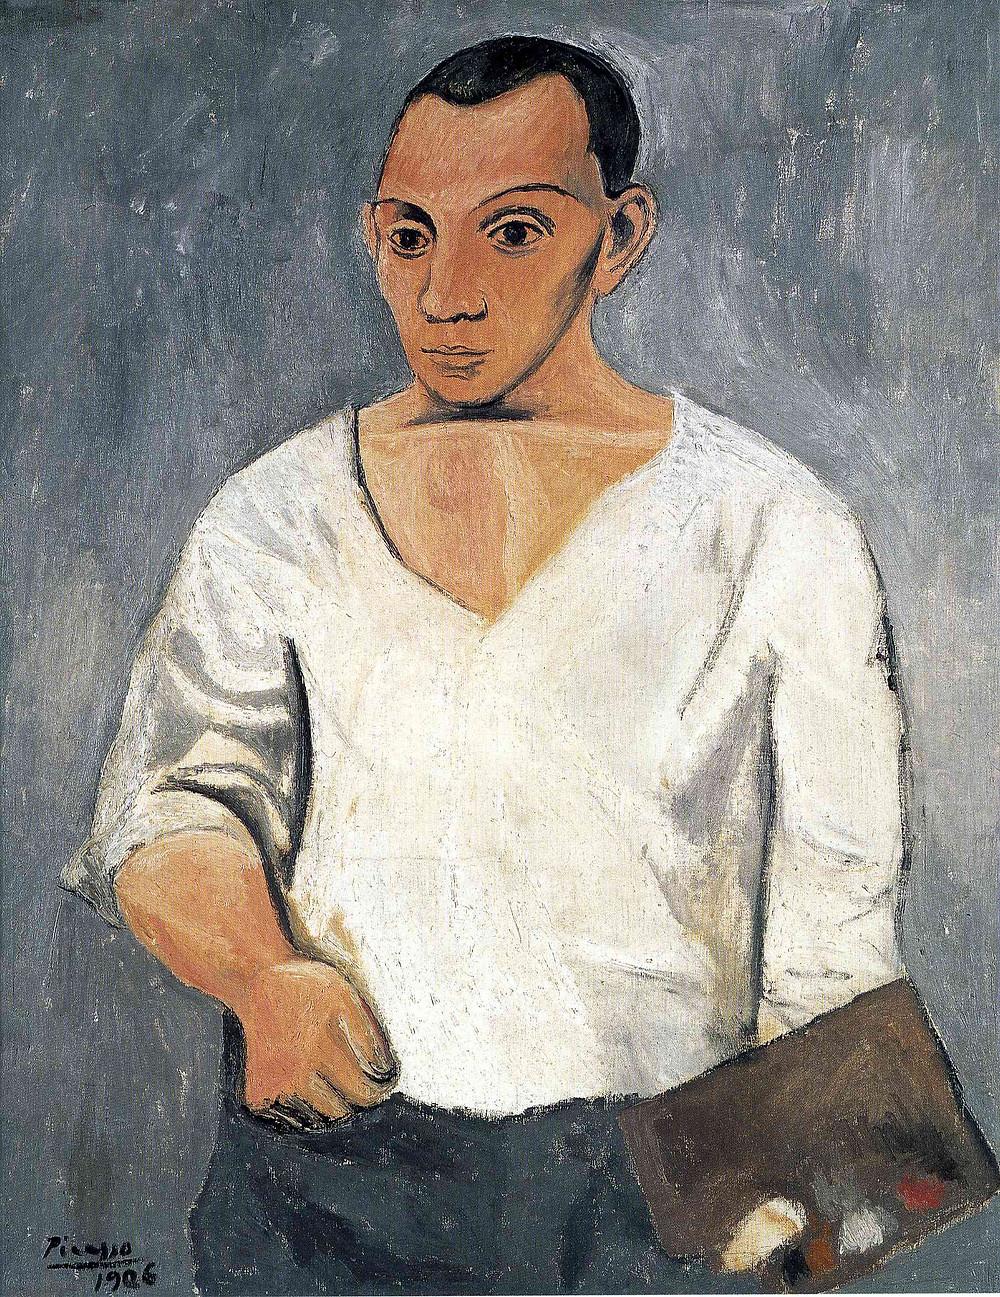 Picasso, Self Portrait, 1906